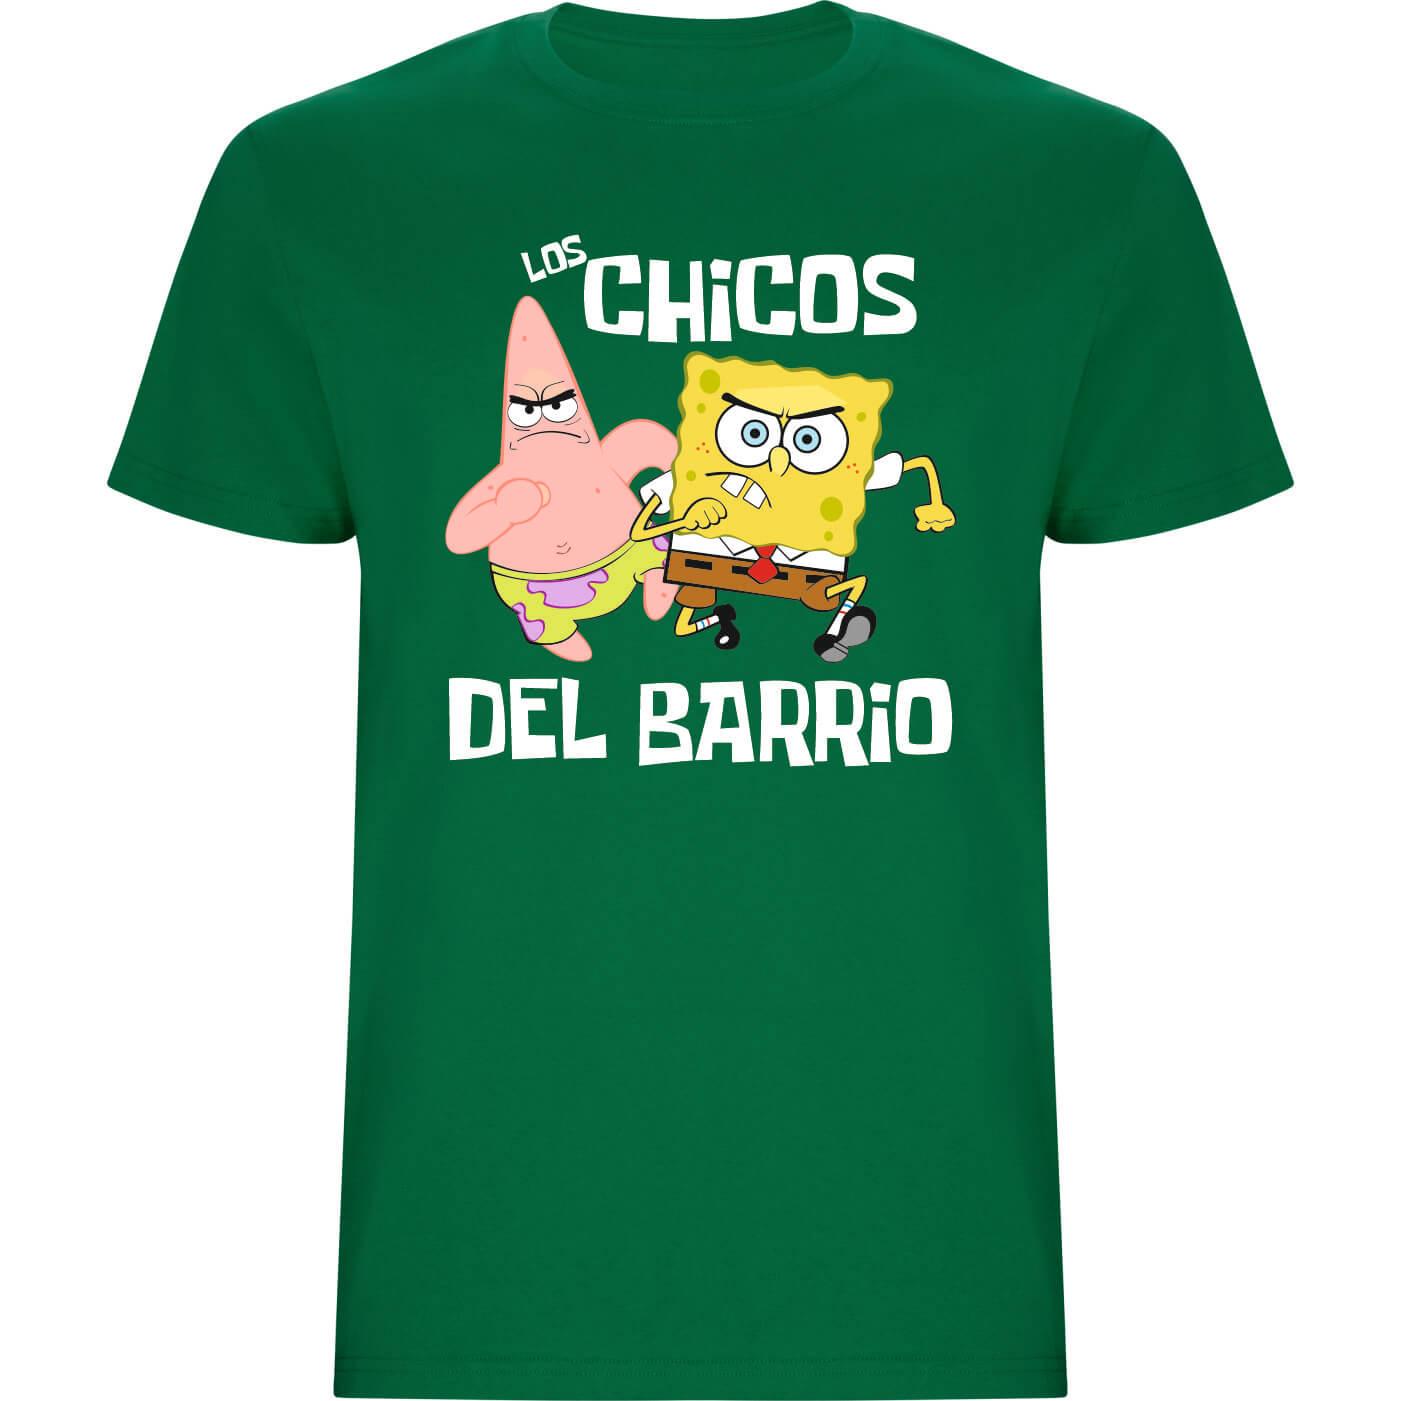 Los chicos del barrio camiseta de niño verde grass